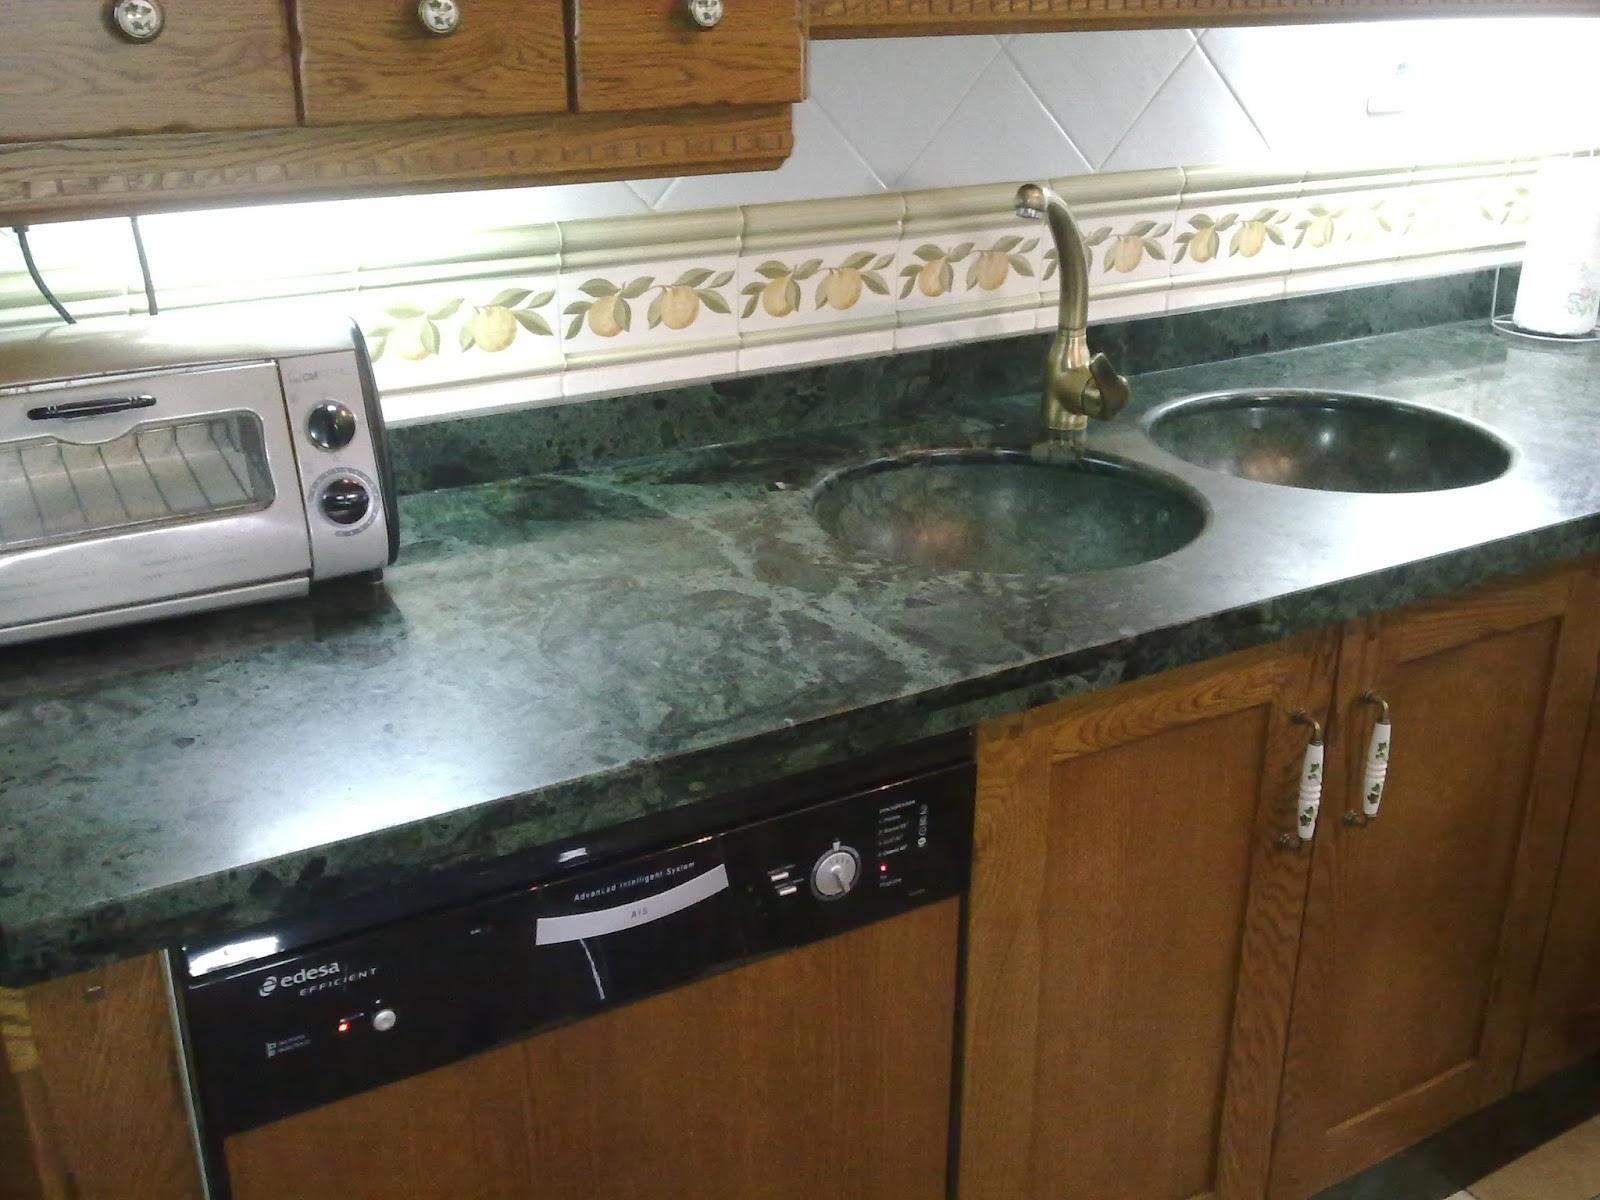 De piedra encimeras y cocinas for Encimeras de cocina de piedra baratas